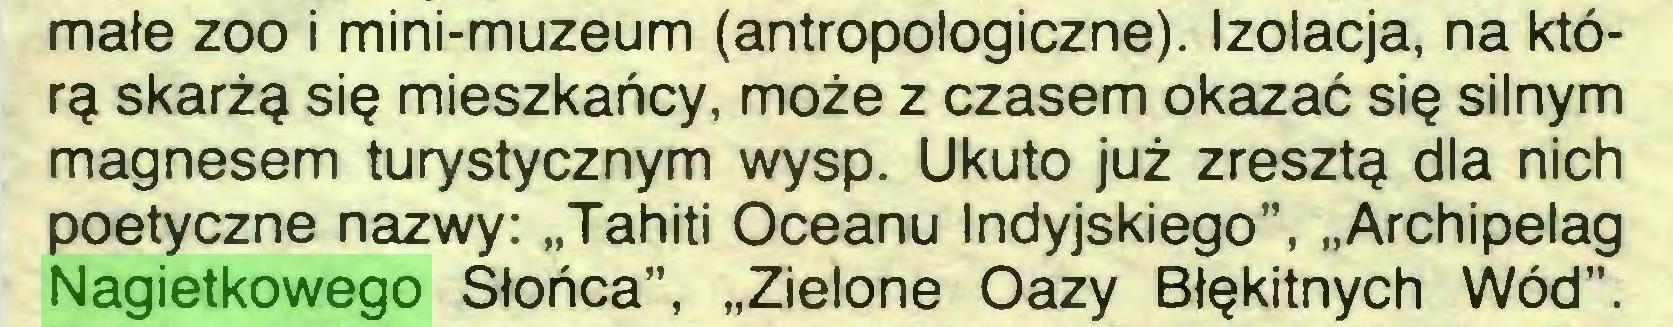 """(...) małe zoo i mini-muzeum (antropologiczne). Izolacja, na którą skarżą się mieszkańcy, może z czasem okazać się silnym magnesem turystycznym wysp. Ukuto już zresztą dla nich poetyczne nazwy: """"Tahiti Oceanu Indyjskiego"""", """"Archipelag Nagietkowego Słońca"""", """"Zielone Oazy Błękitnych Wód""""..."""